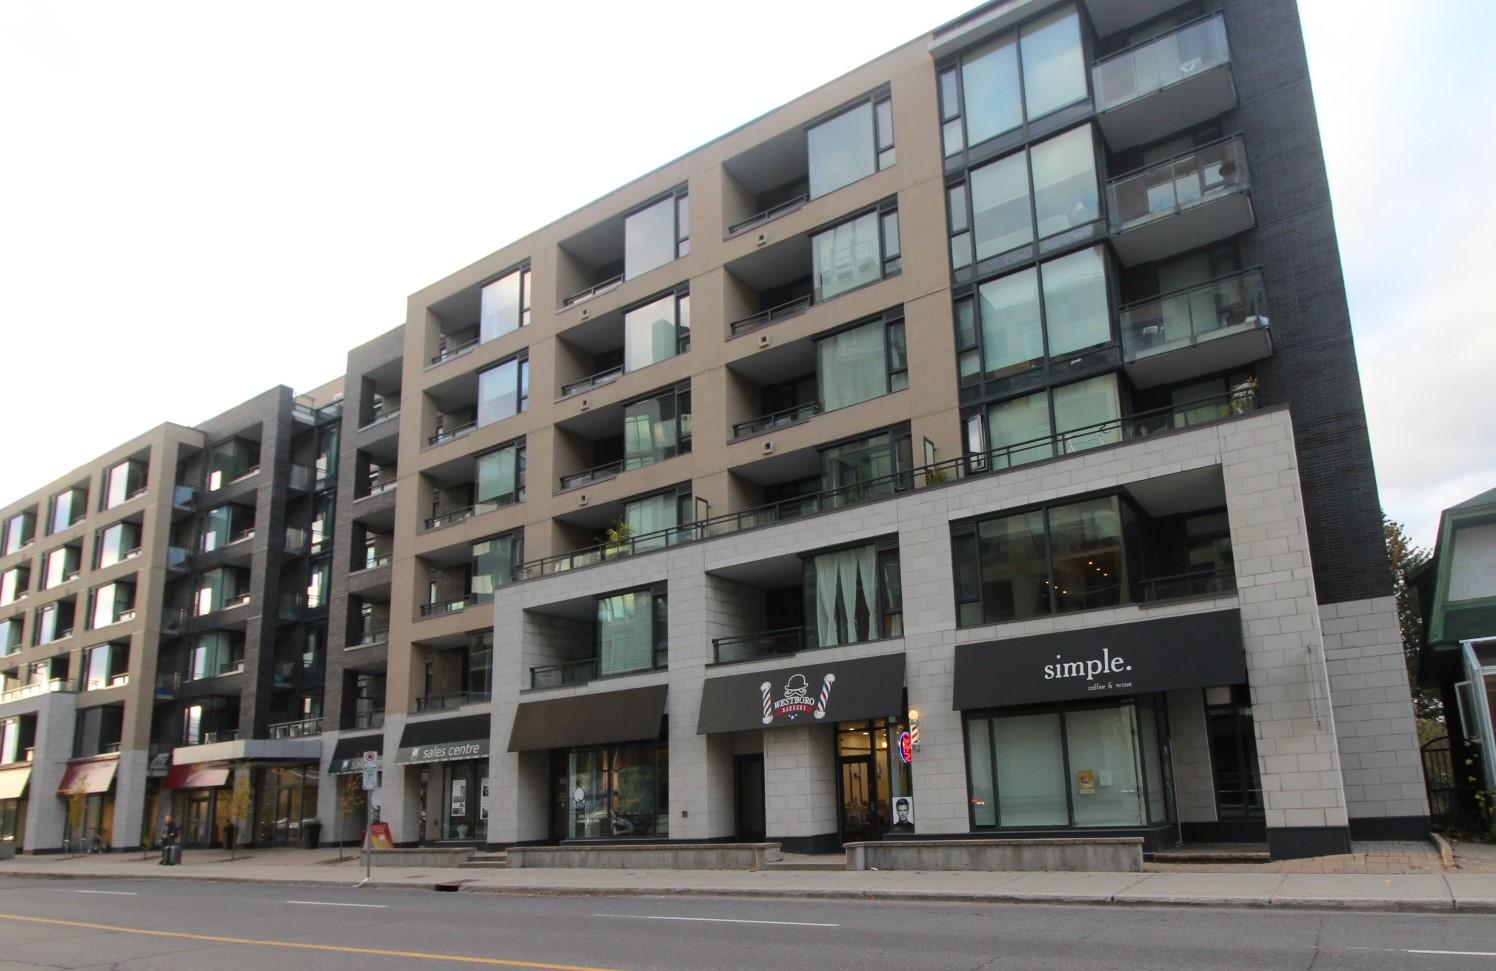 515-101 Richmond Rd - Open Concept Urban Condo in Heart of Westboro!